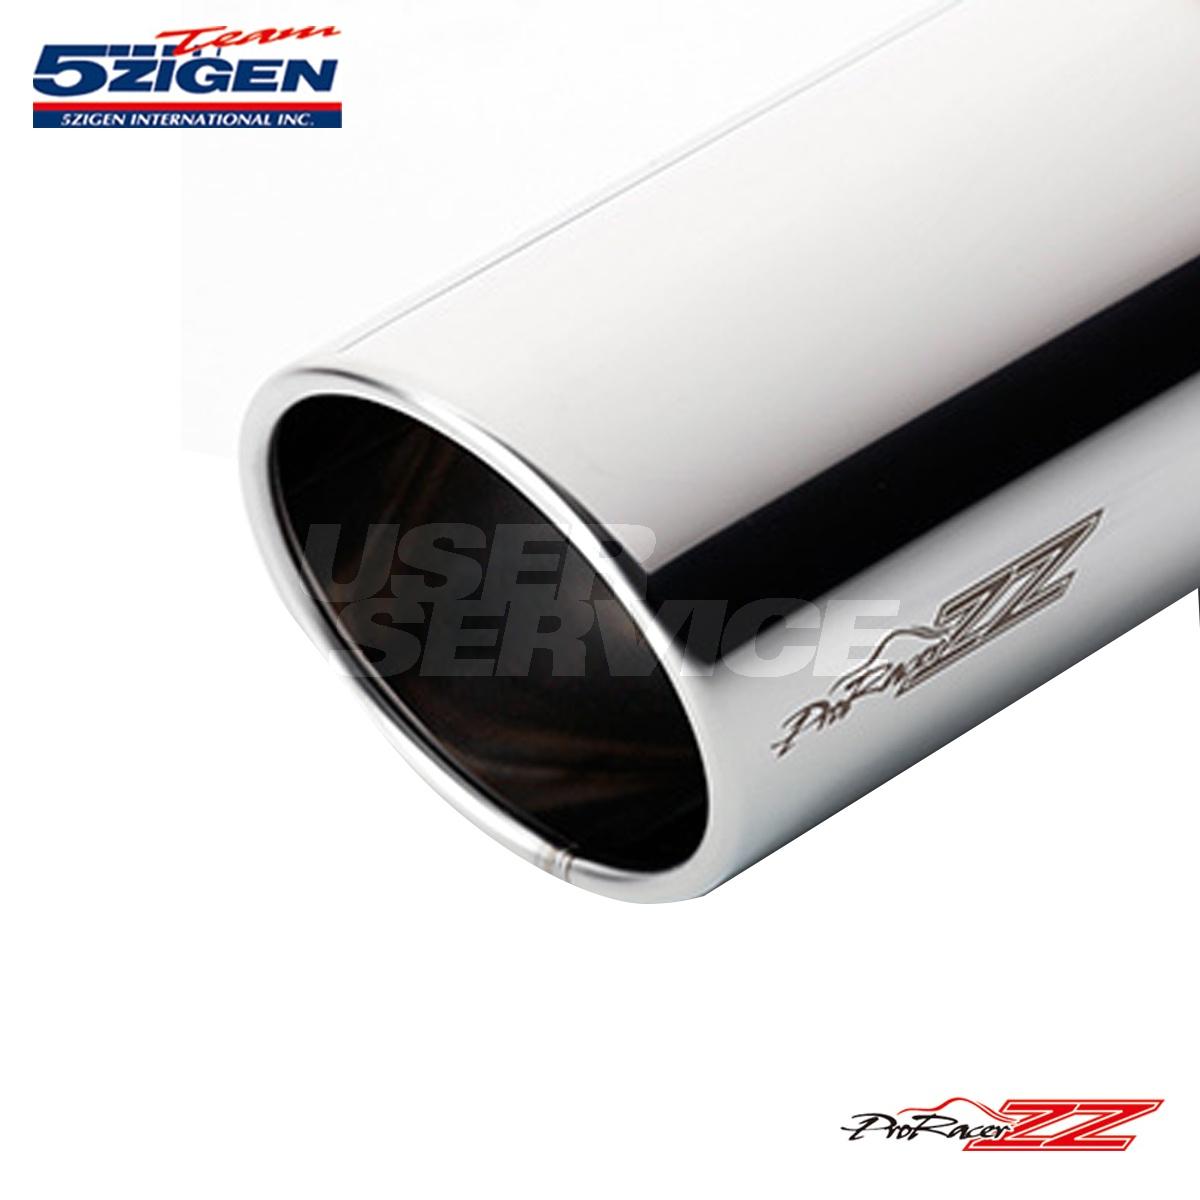 5次元 プロレーサーZZ セリカ TA-ZZT230 マフラー 品番:PZT-035 5ZIGEN